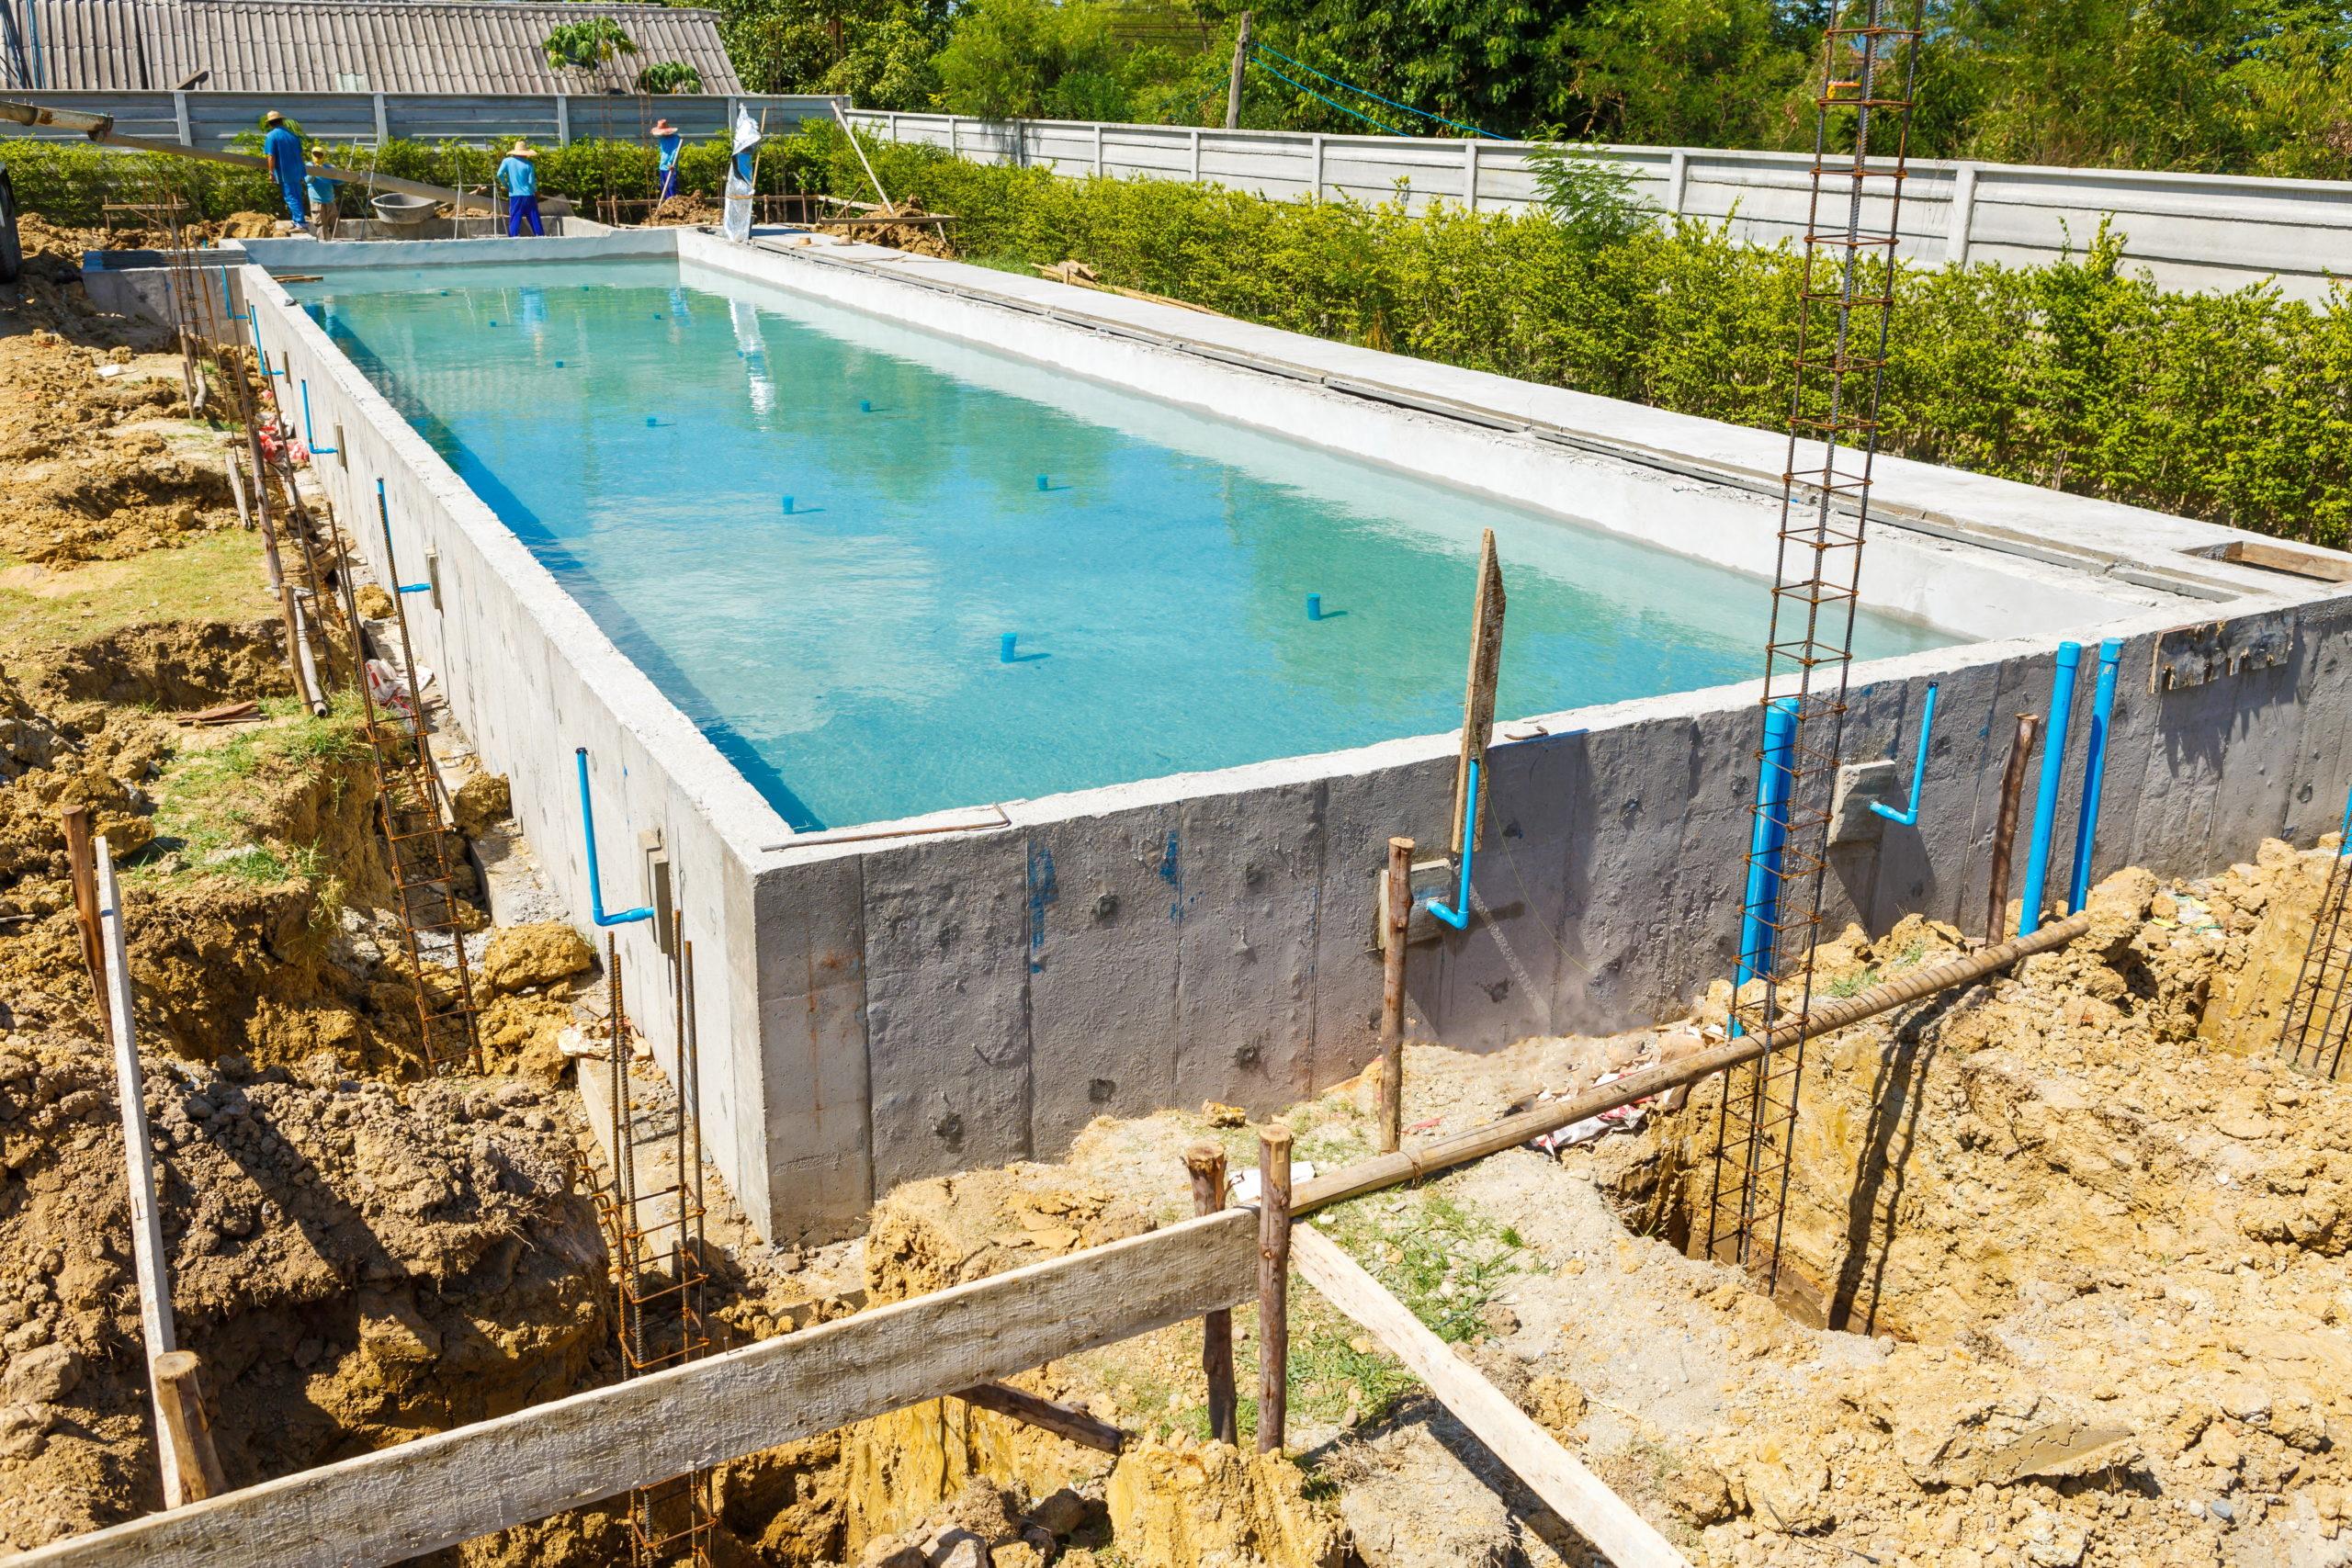 Construction de piscine r glementation emplacement - Construction piscine reglementation ...